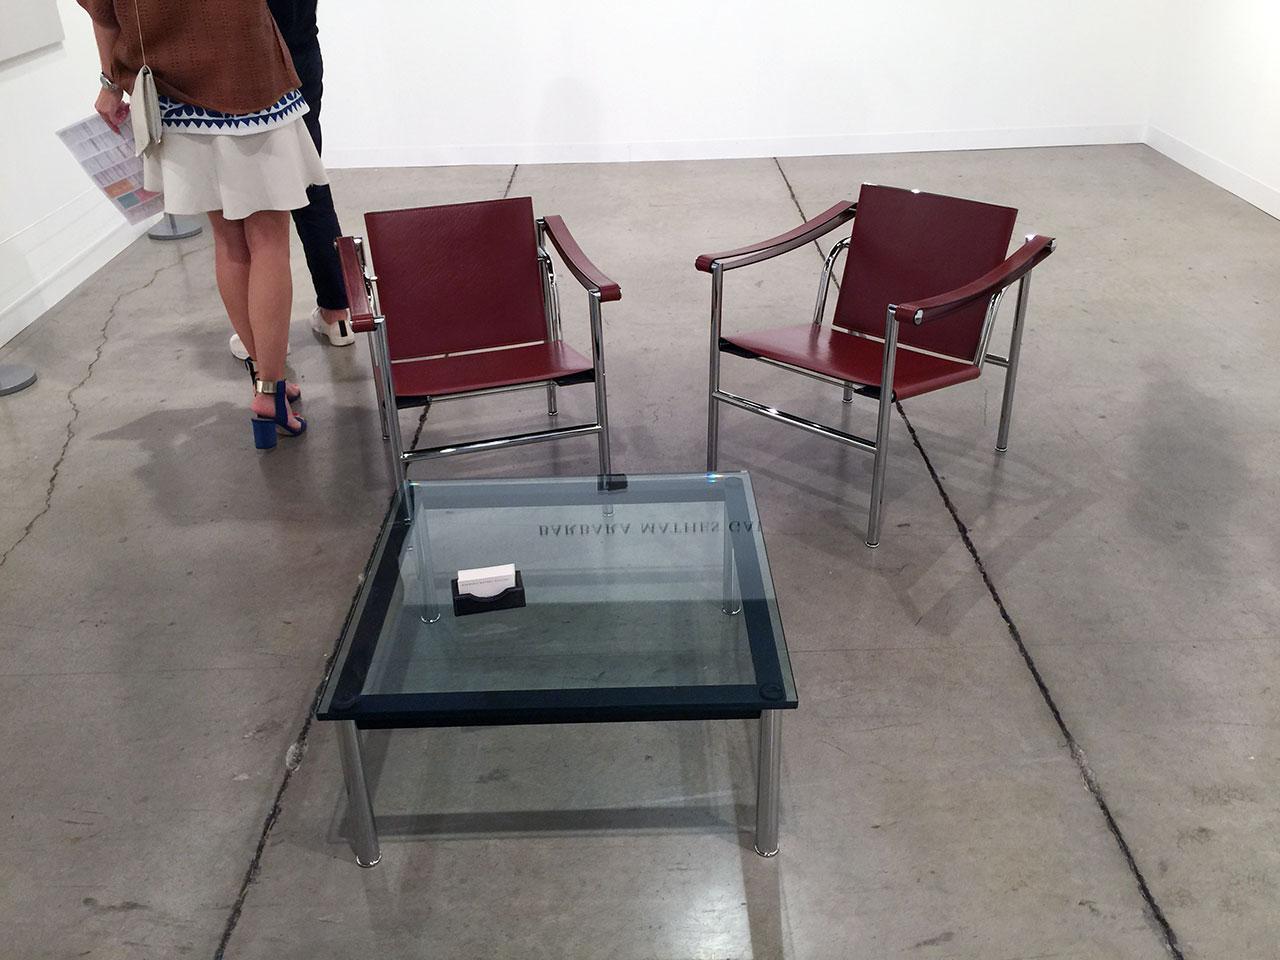 At Barbara Mathes Gallery of New York